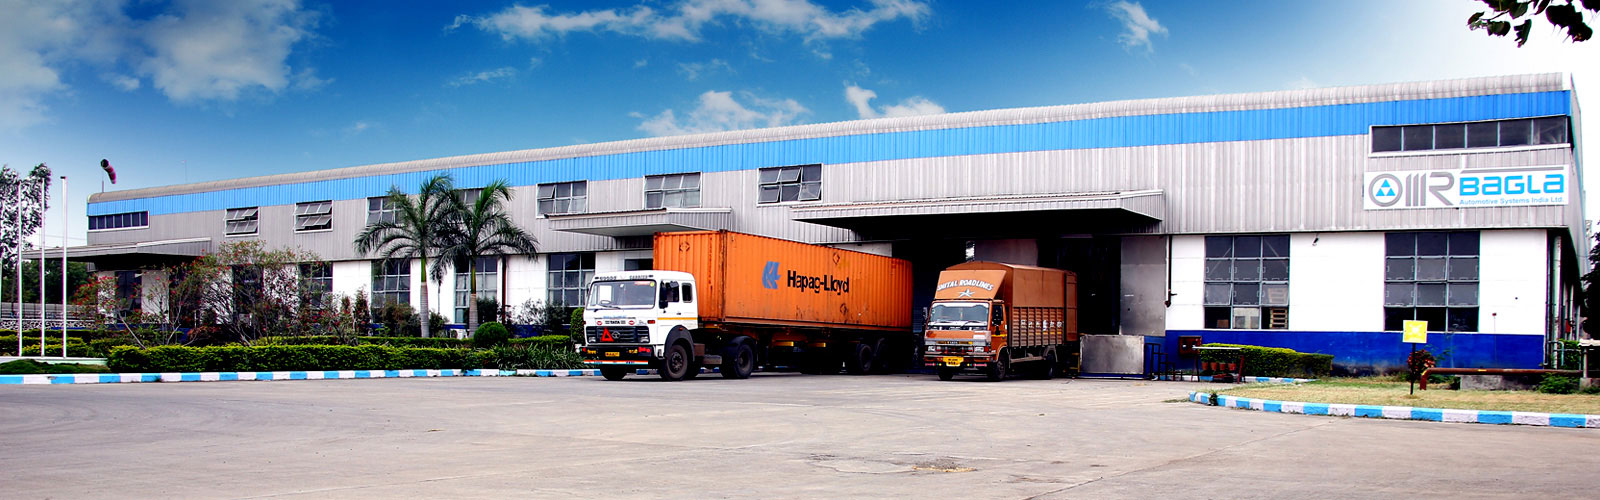 Bagla Group, Aurangabad   Die Casting, Fasteners ...